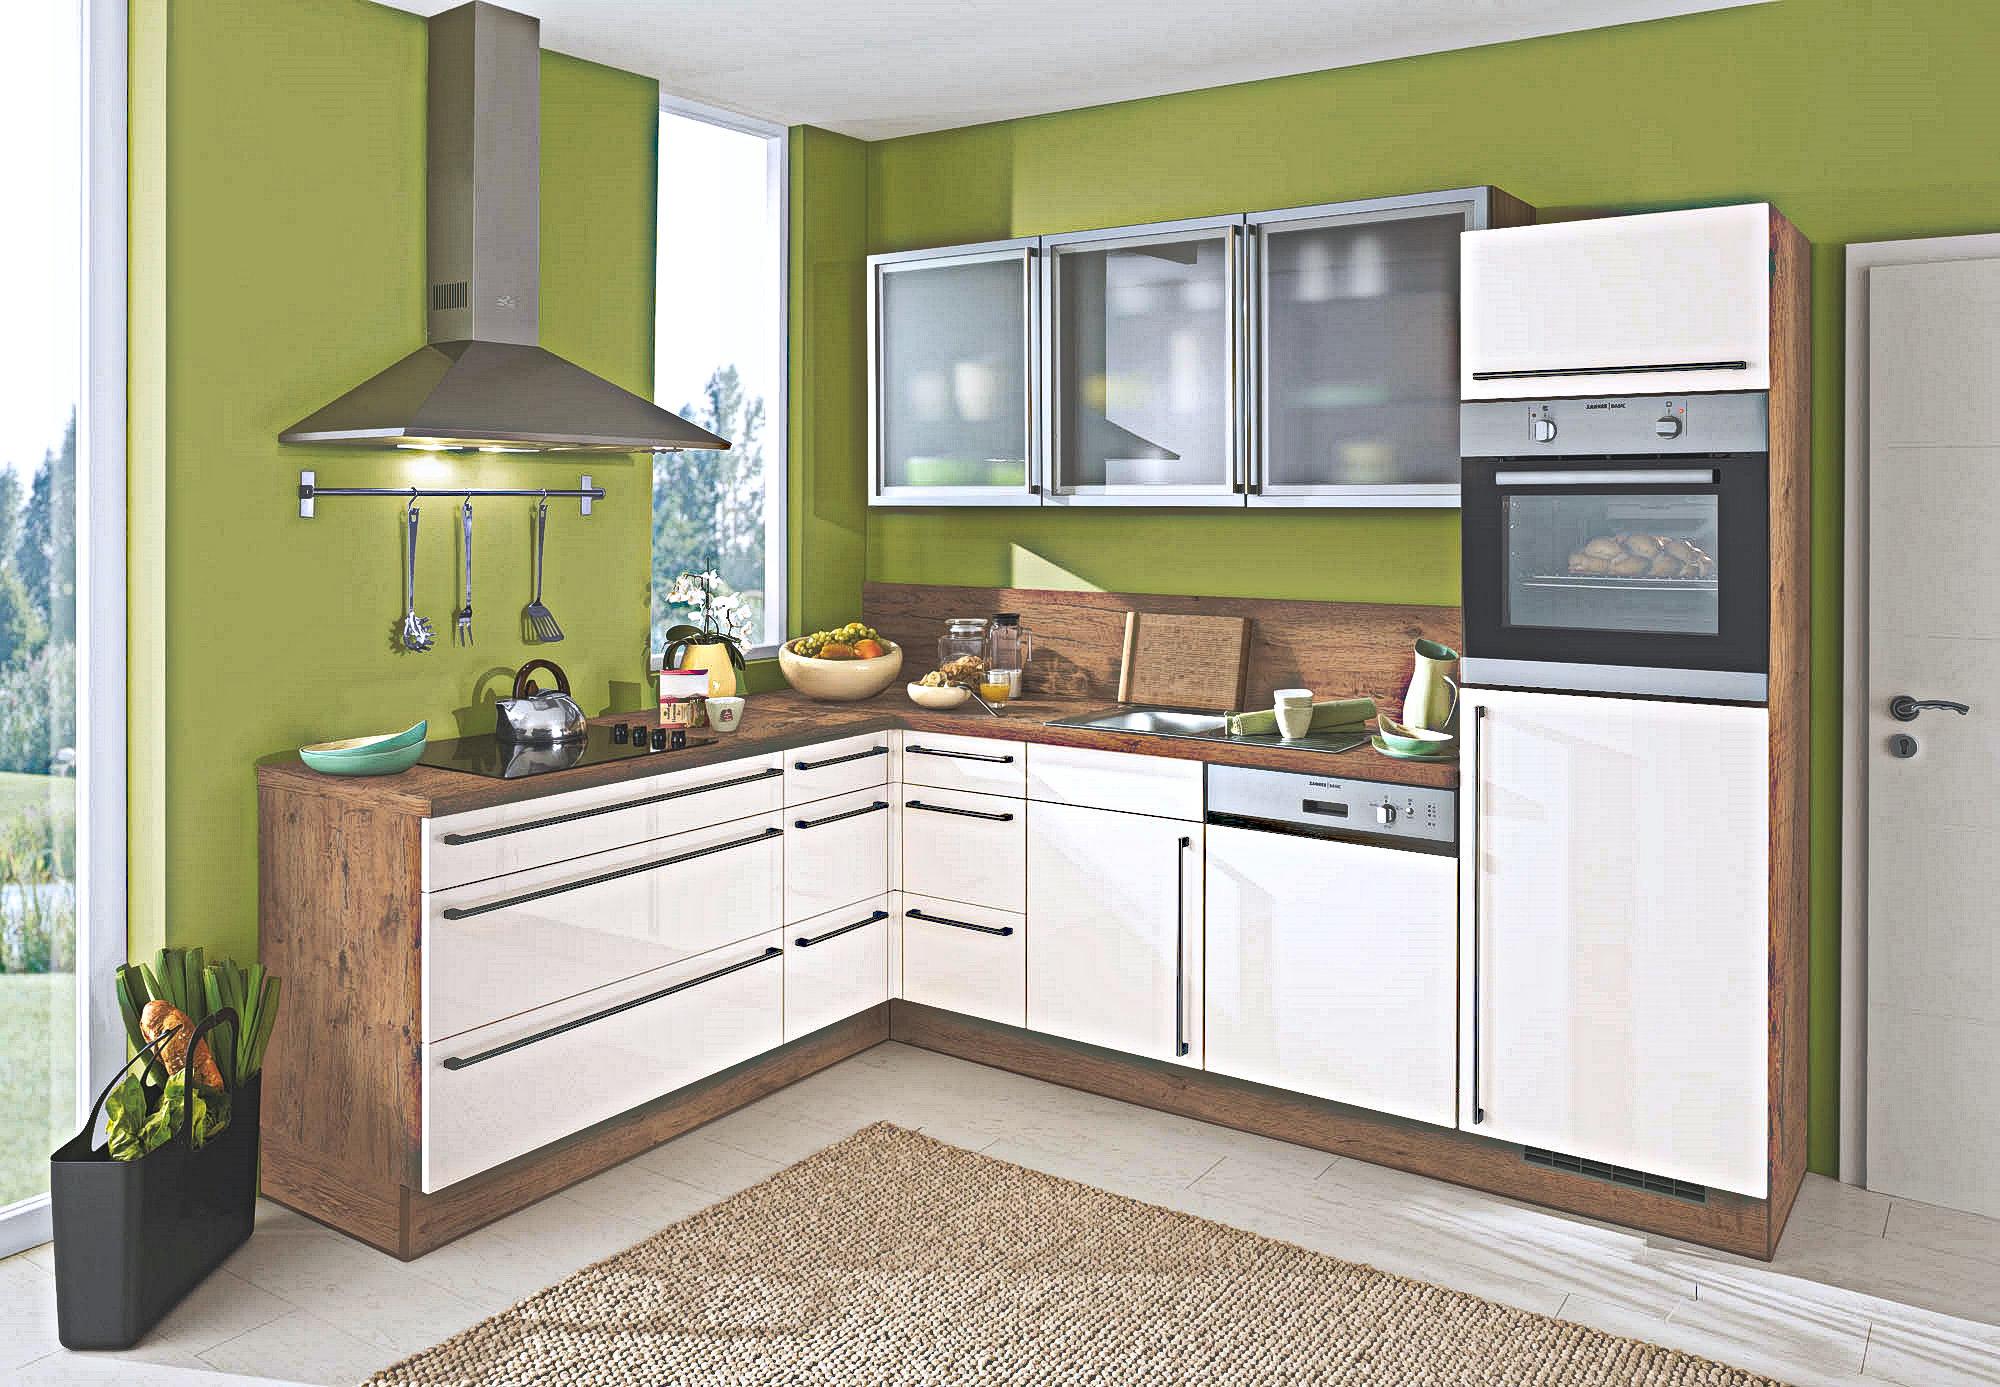 Full Size of Magnolie Wildeiche L Kche Fr Nur 2444 Hochwertige Kchen Wohnzimmer Magnolia Farbe